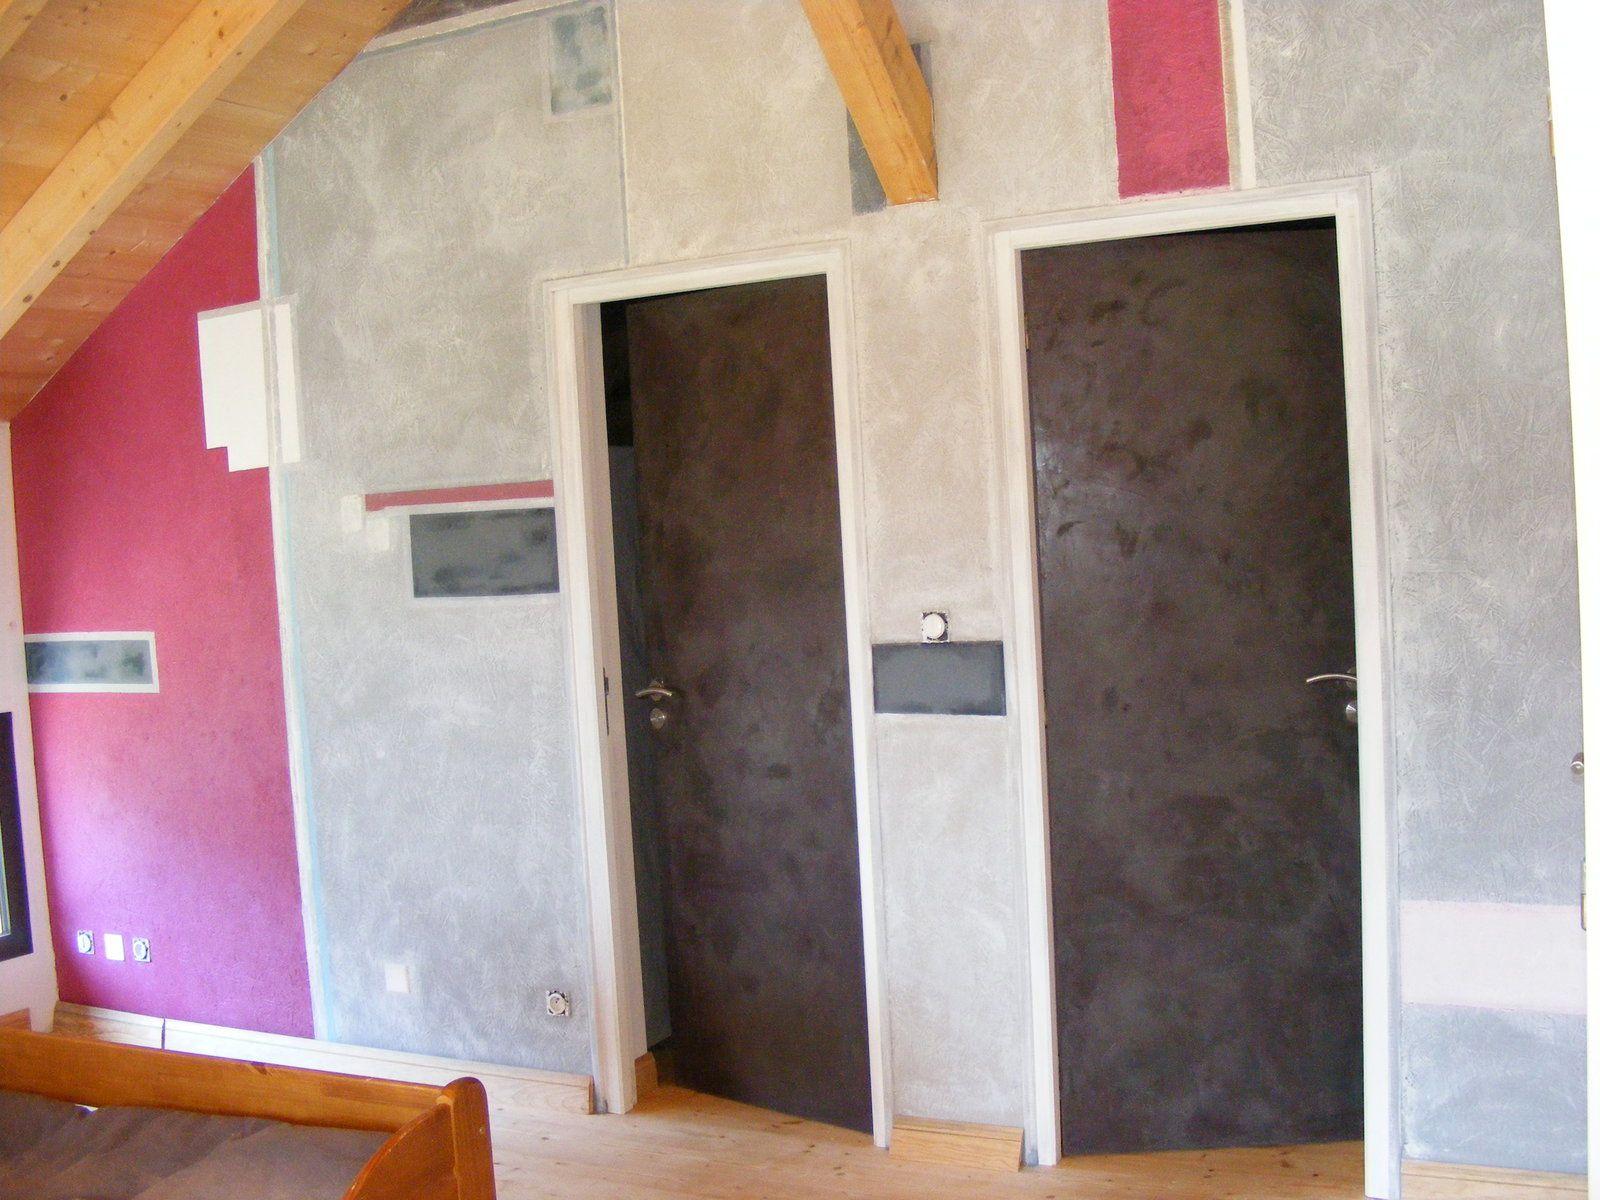 deco interieure l 39 atelier peinture des fleurs cailloux. Black Bedroom Furniture Sets. Home Design Ideas